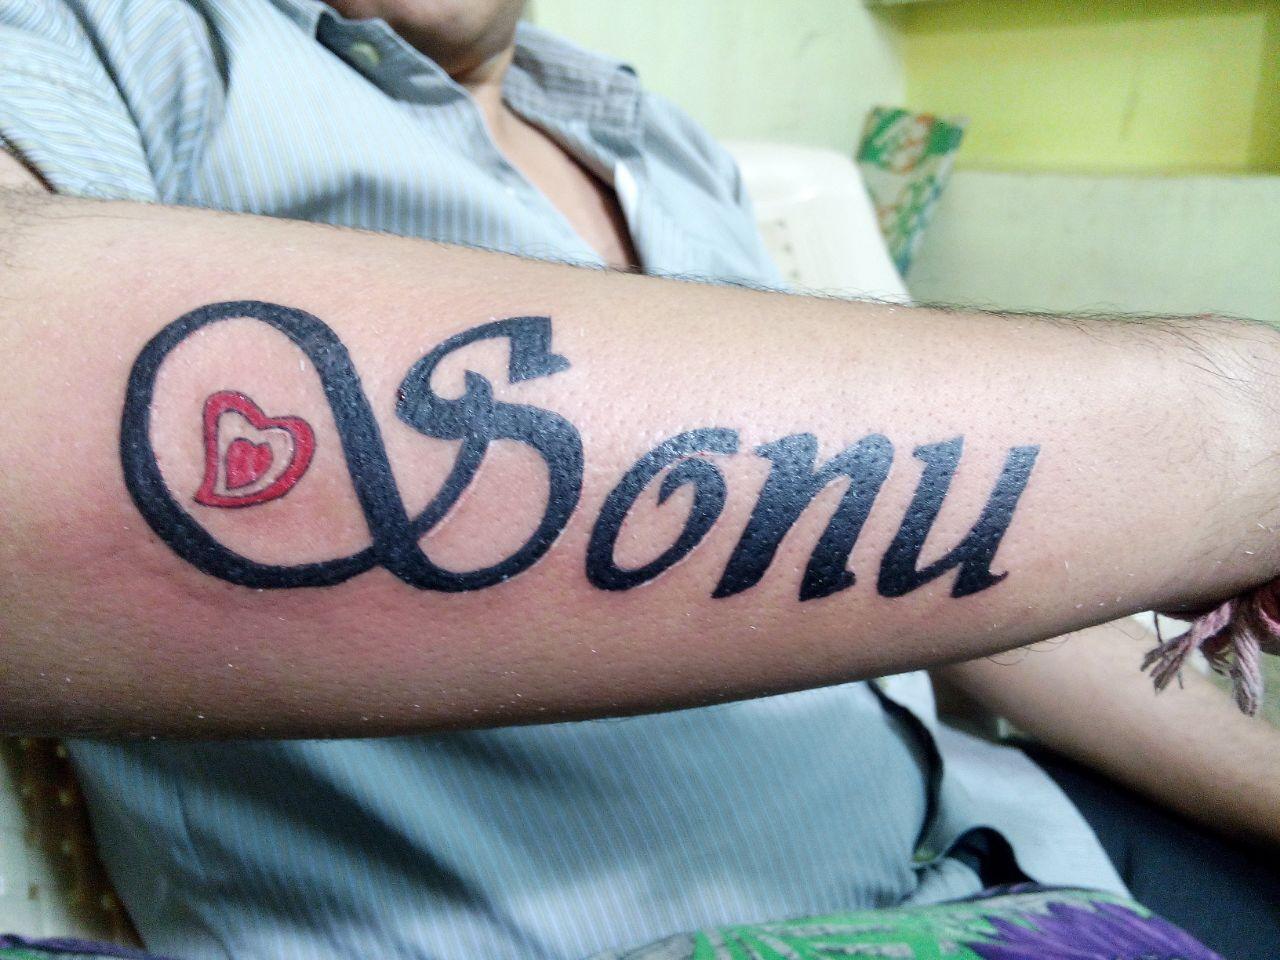 Mumbai Tattoo Supply Www Mumbaitattoo Com Mr Nadeem Whatsapp No 9029993269 Mumbai Goa Ahemadabad Homemade Tattoos Tattoo Supplies Name Tattoo